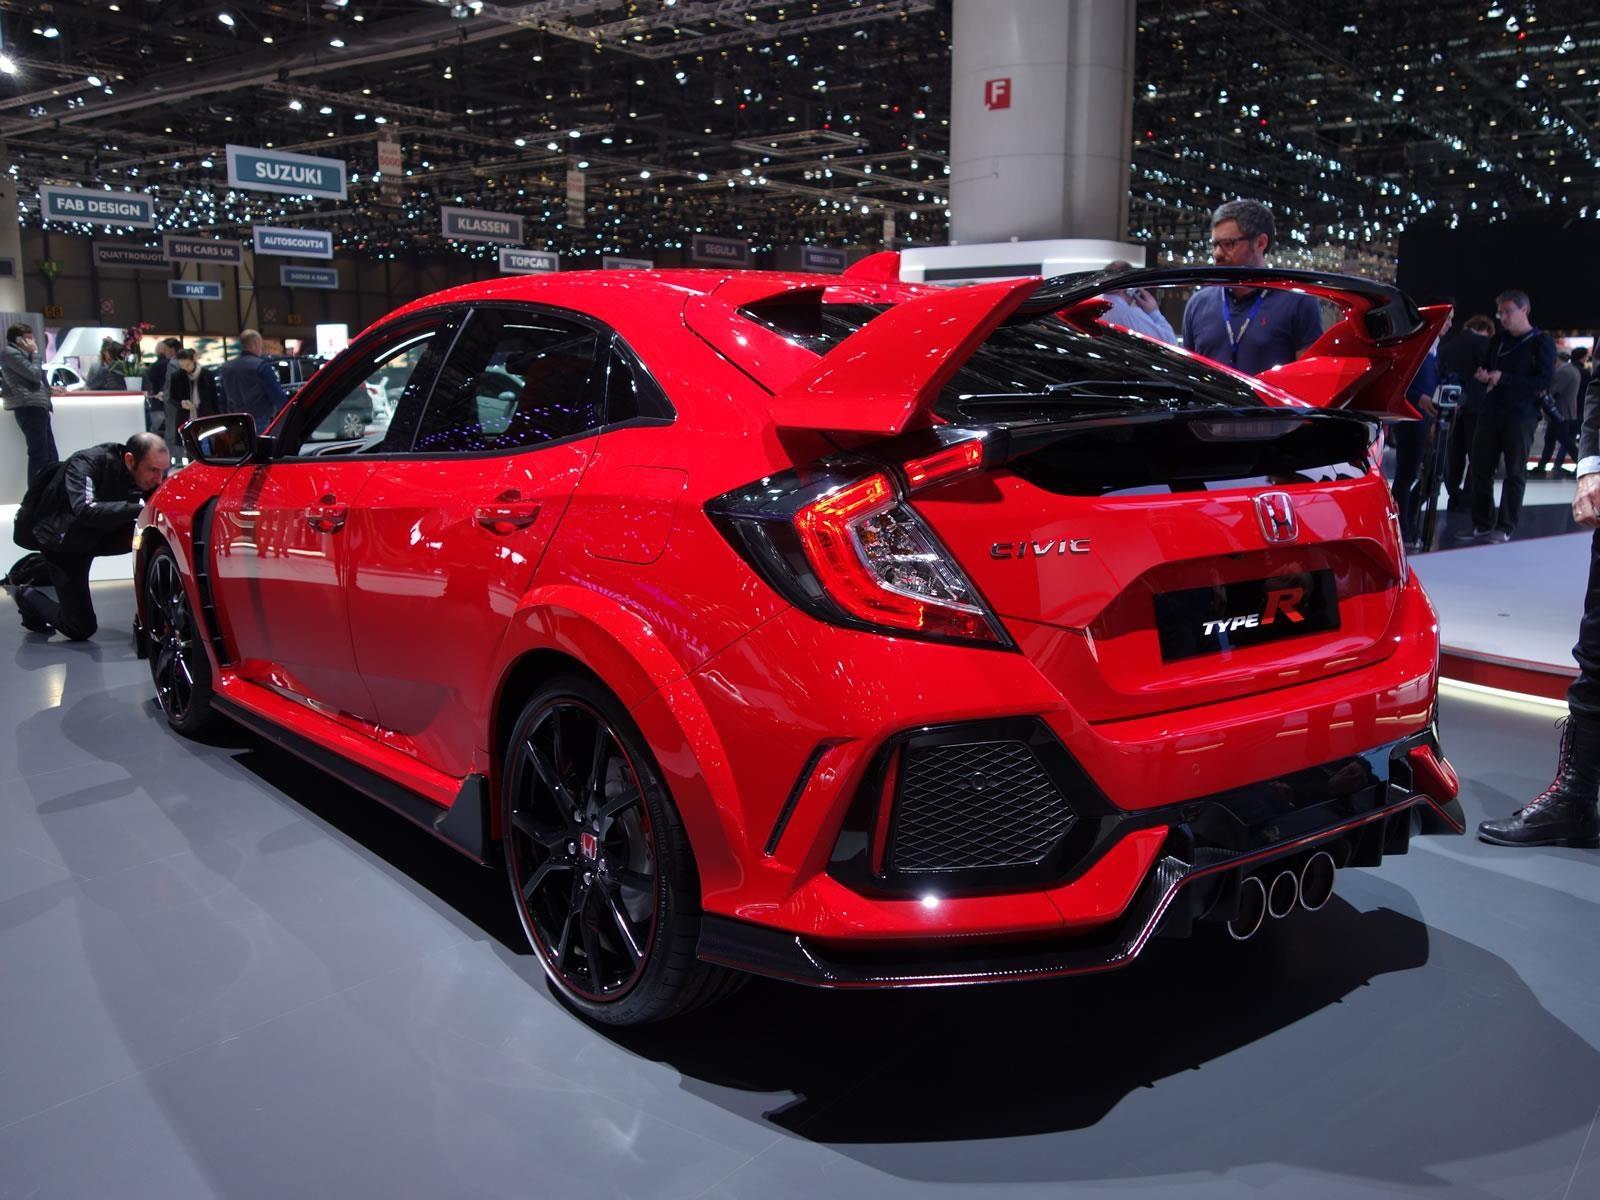 Honda Civic Type R 2018, el deportivo de tracción delantera más veloz de Nürburgring ...